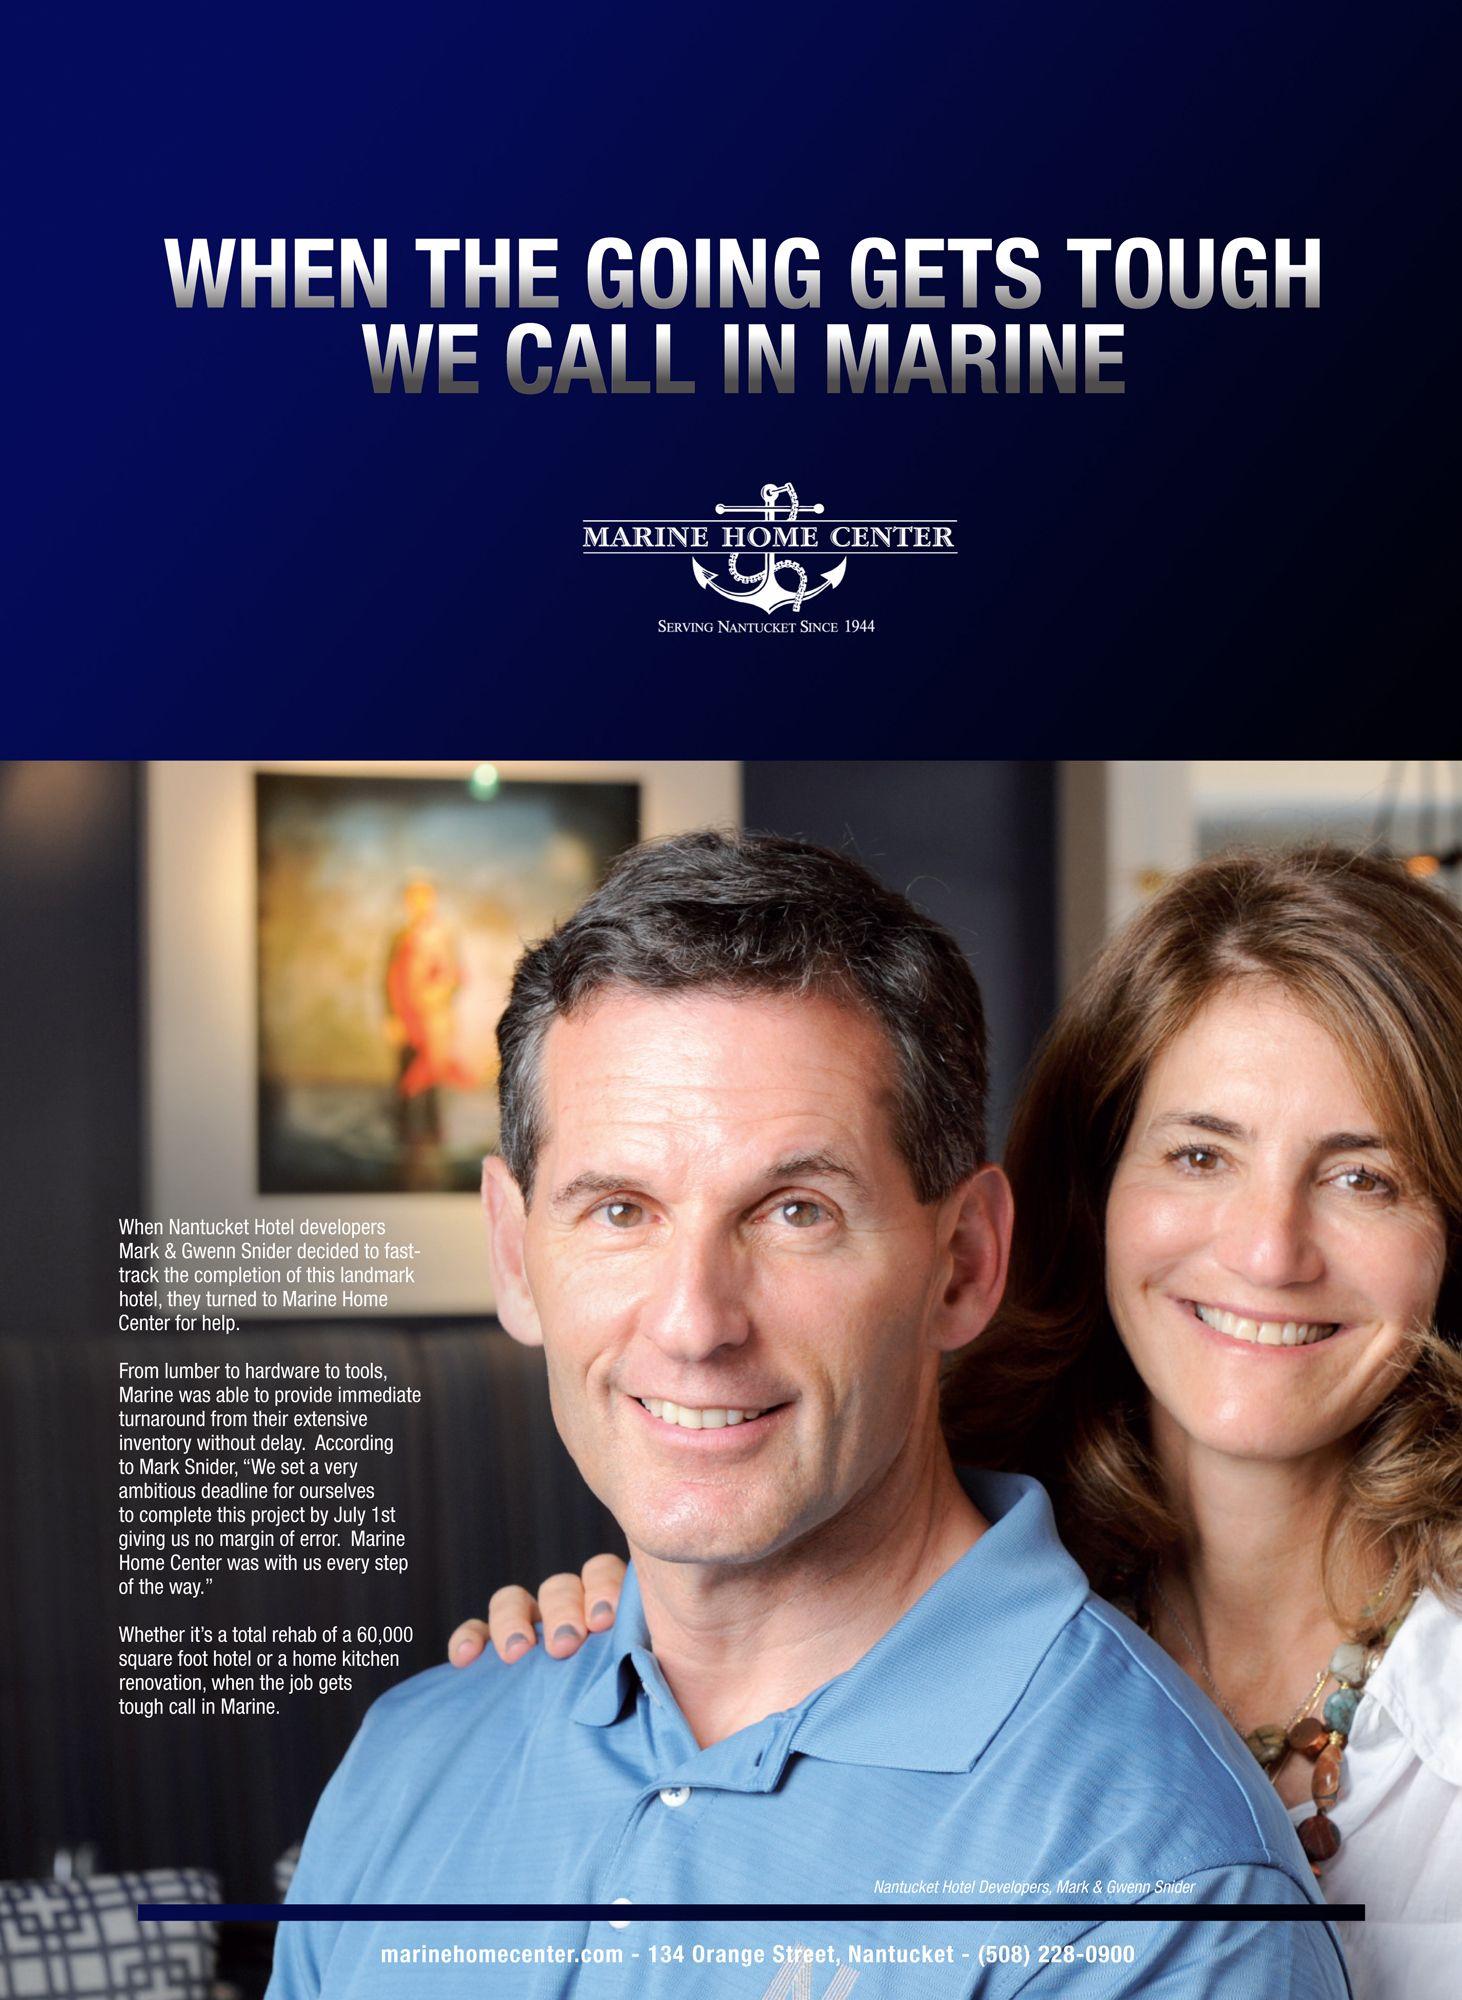 Nantucket Hotel Mark & Gwenn Snider